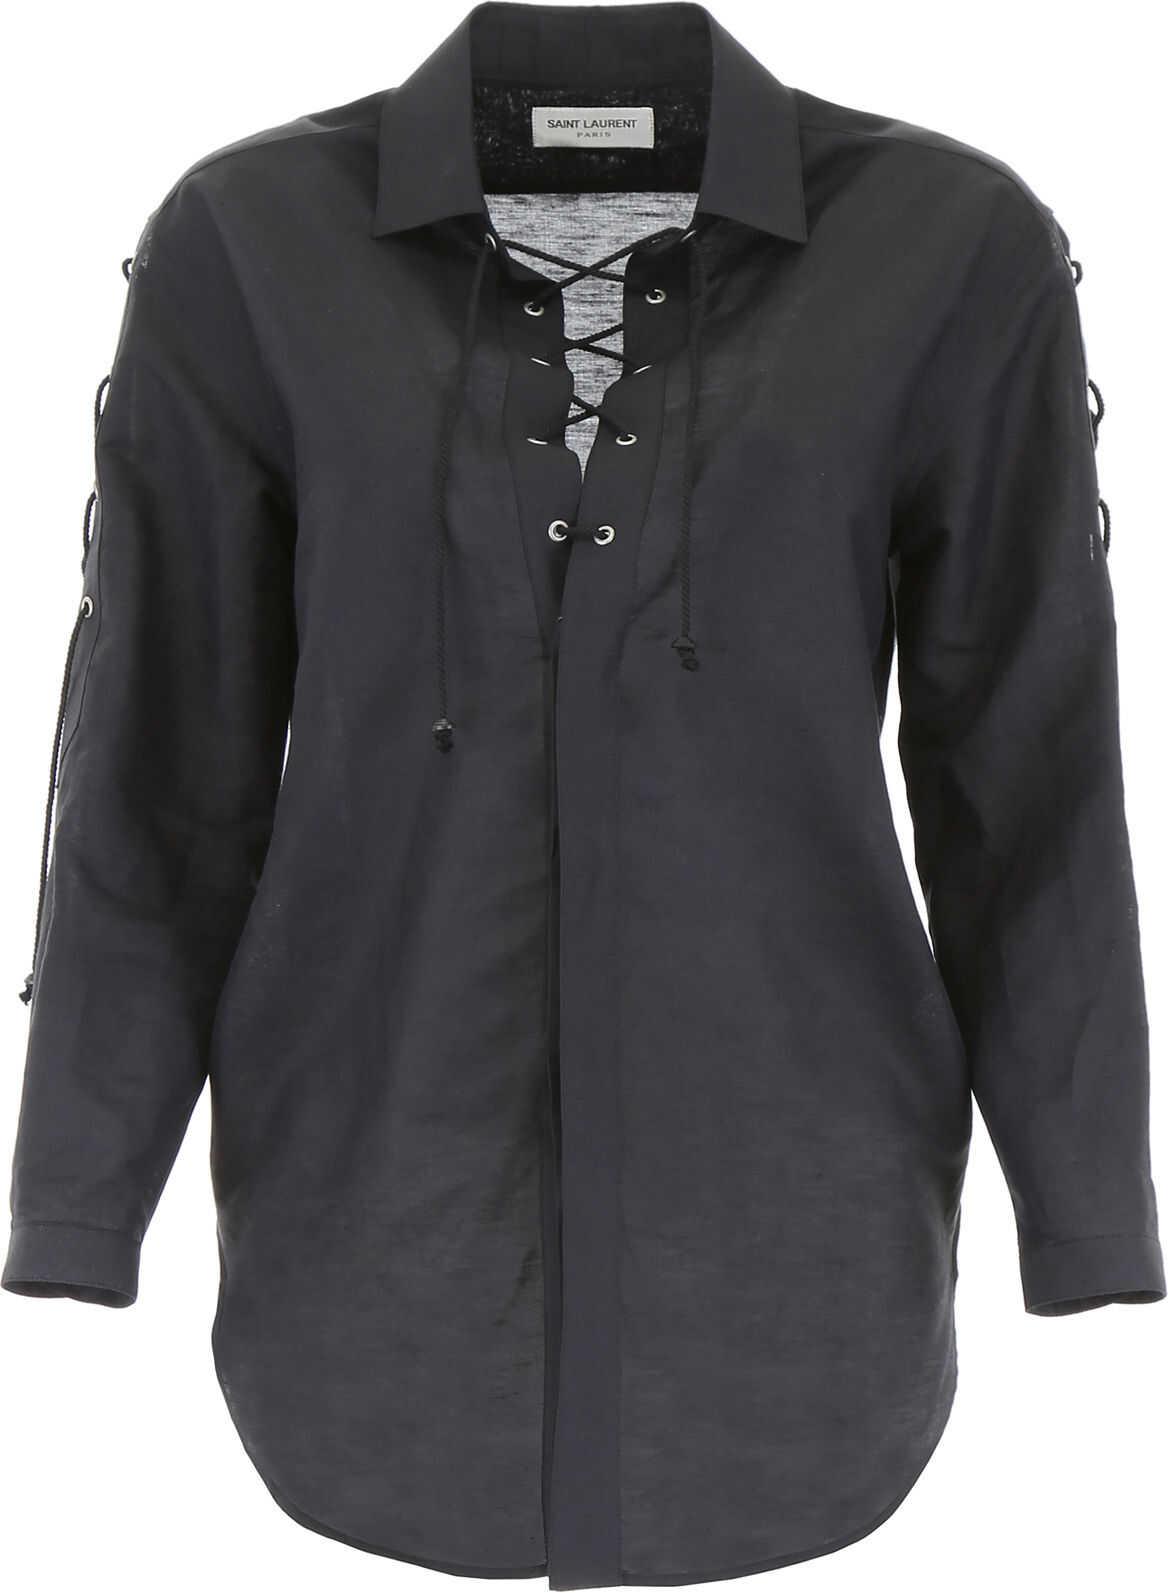 Saint Laurent Shirt With Laces NOIR